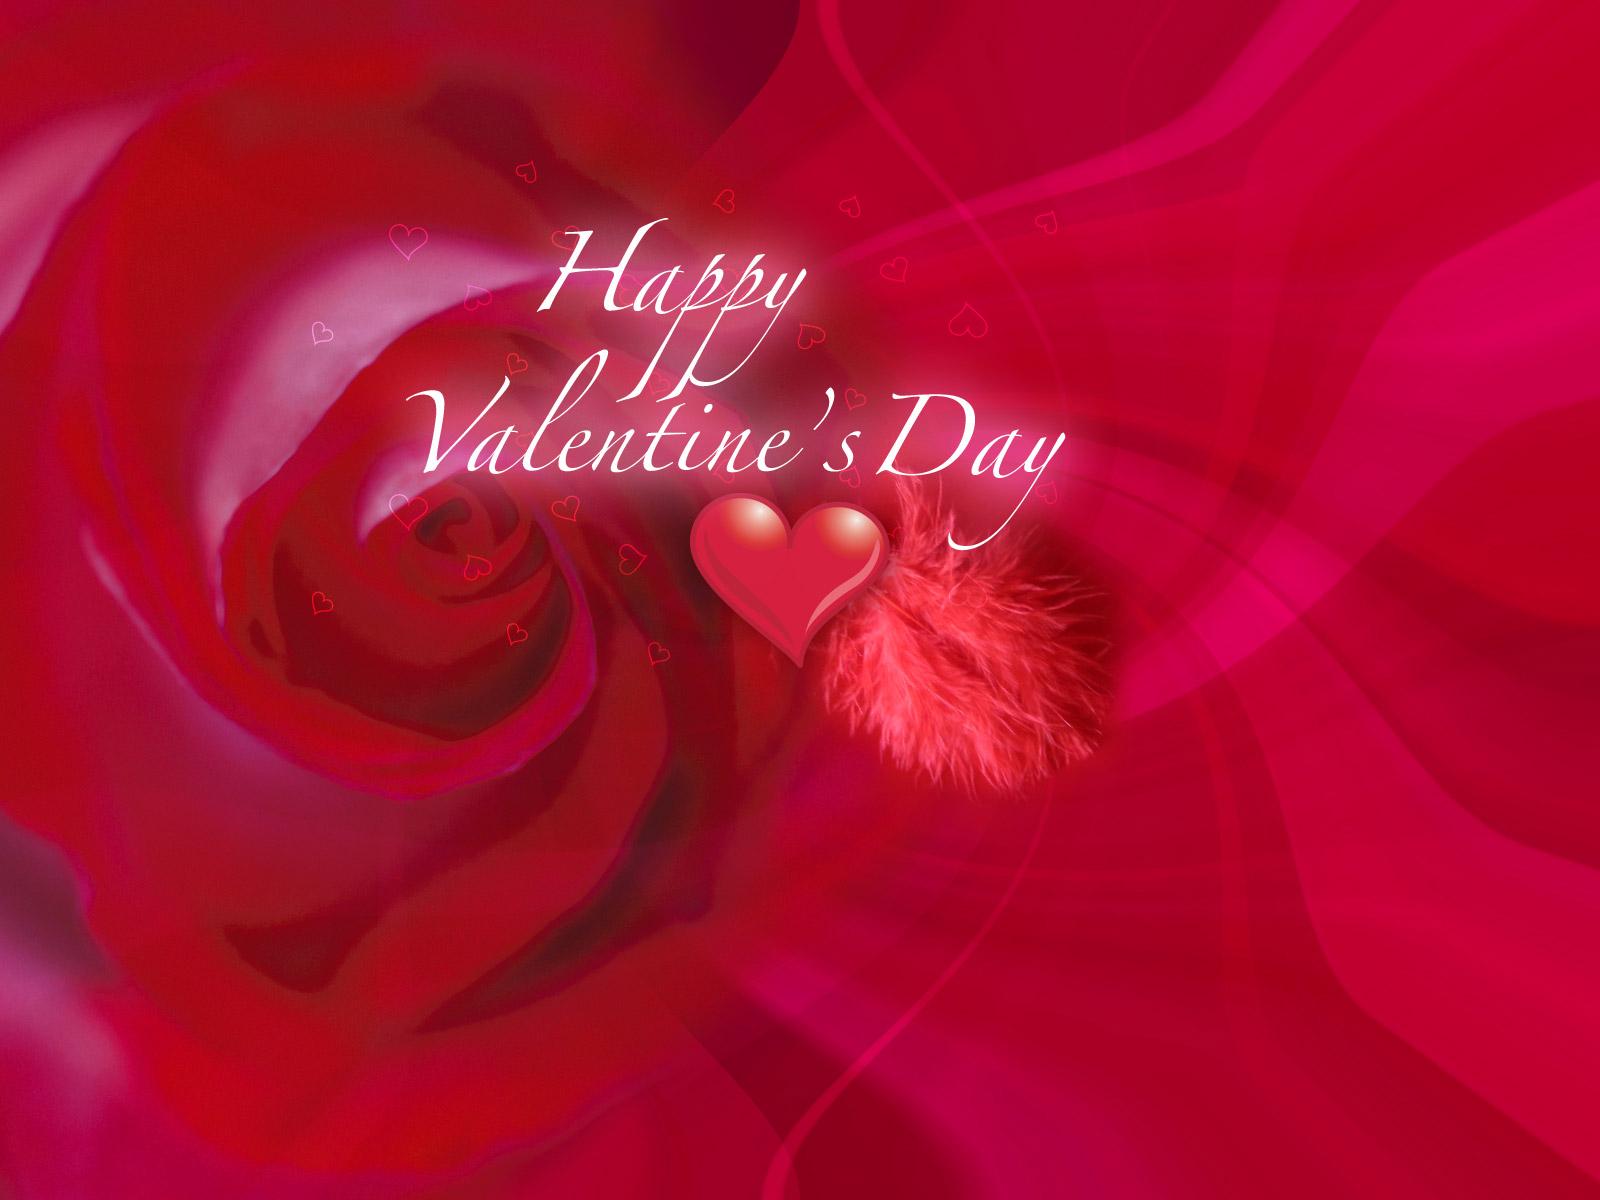 http://4.bp.blogspot.com/-v9rIGnY4_tA/Ty2g4KYEWvI/AAAAAAAAGWQ/kNTjv4S_YvI/s1600/Valentine%2527s%2BDay%2B3.jpg